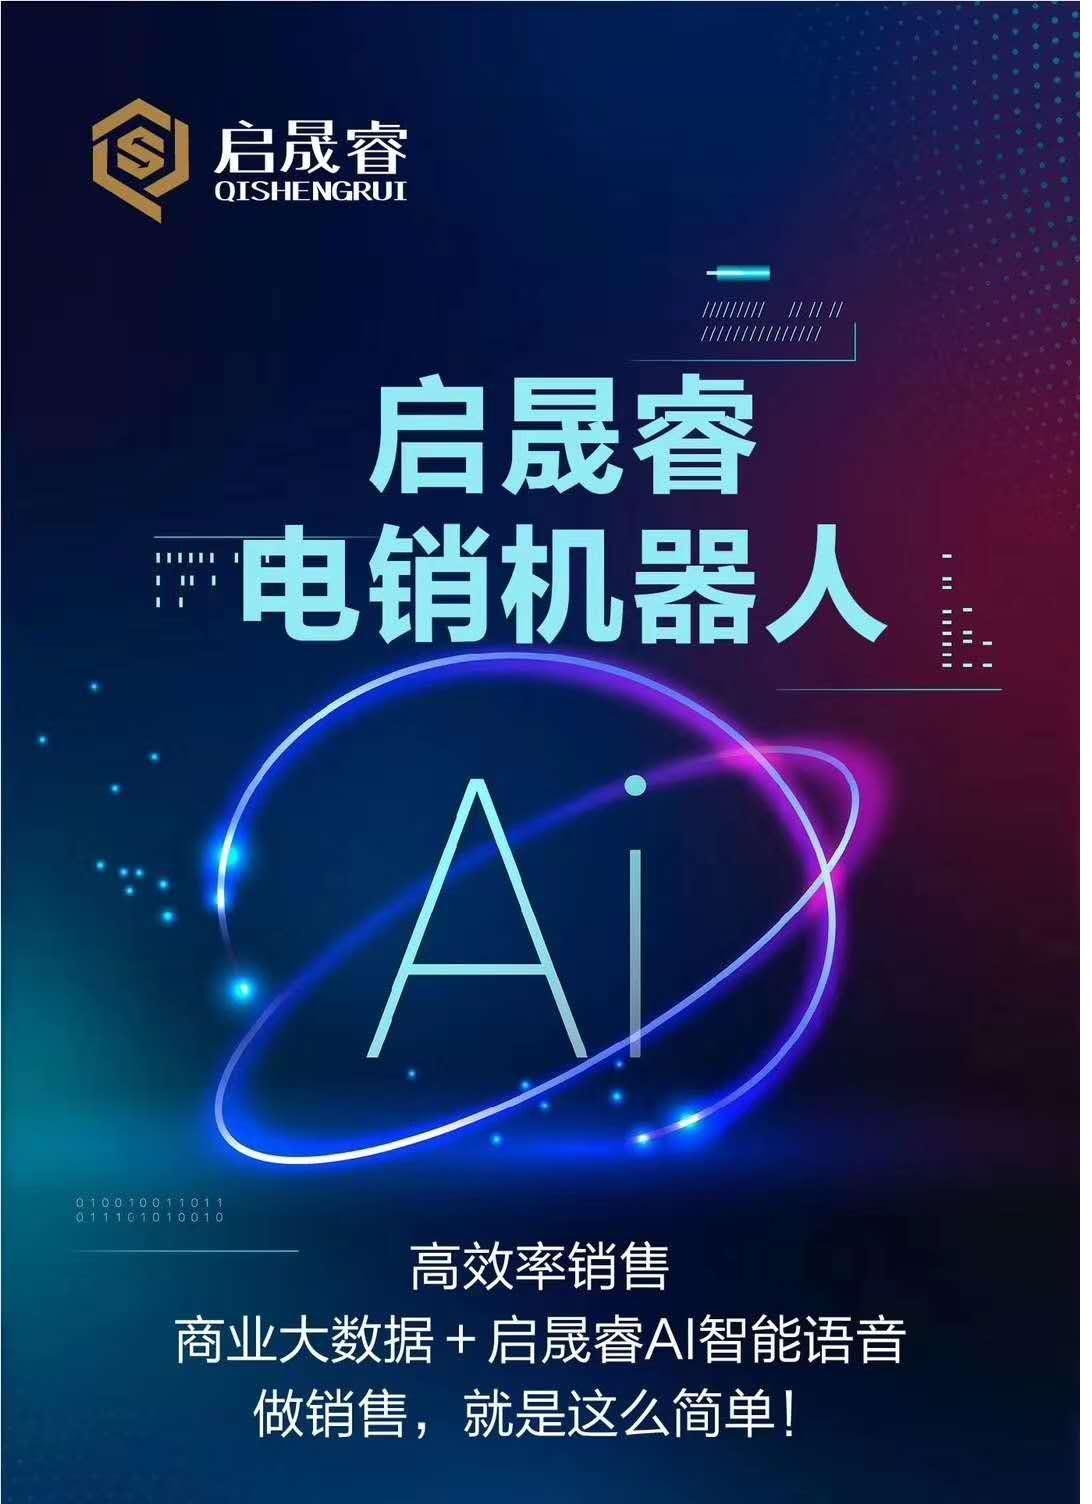 电话机器人_青岛启晟睿网络科技千赢官方下载